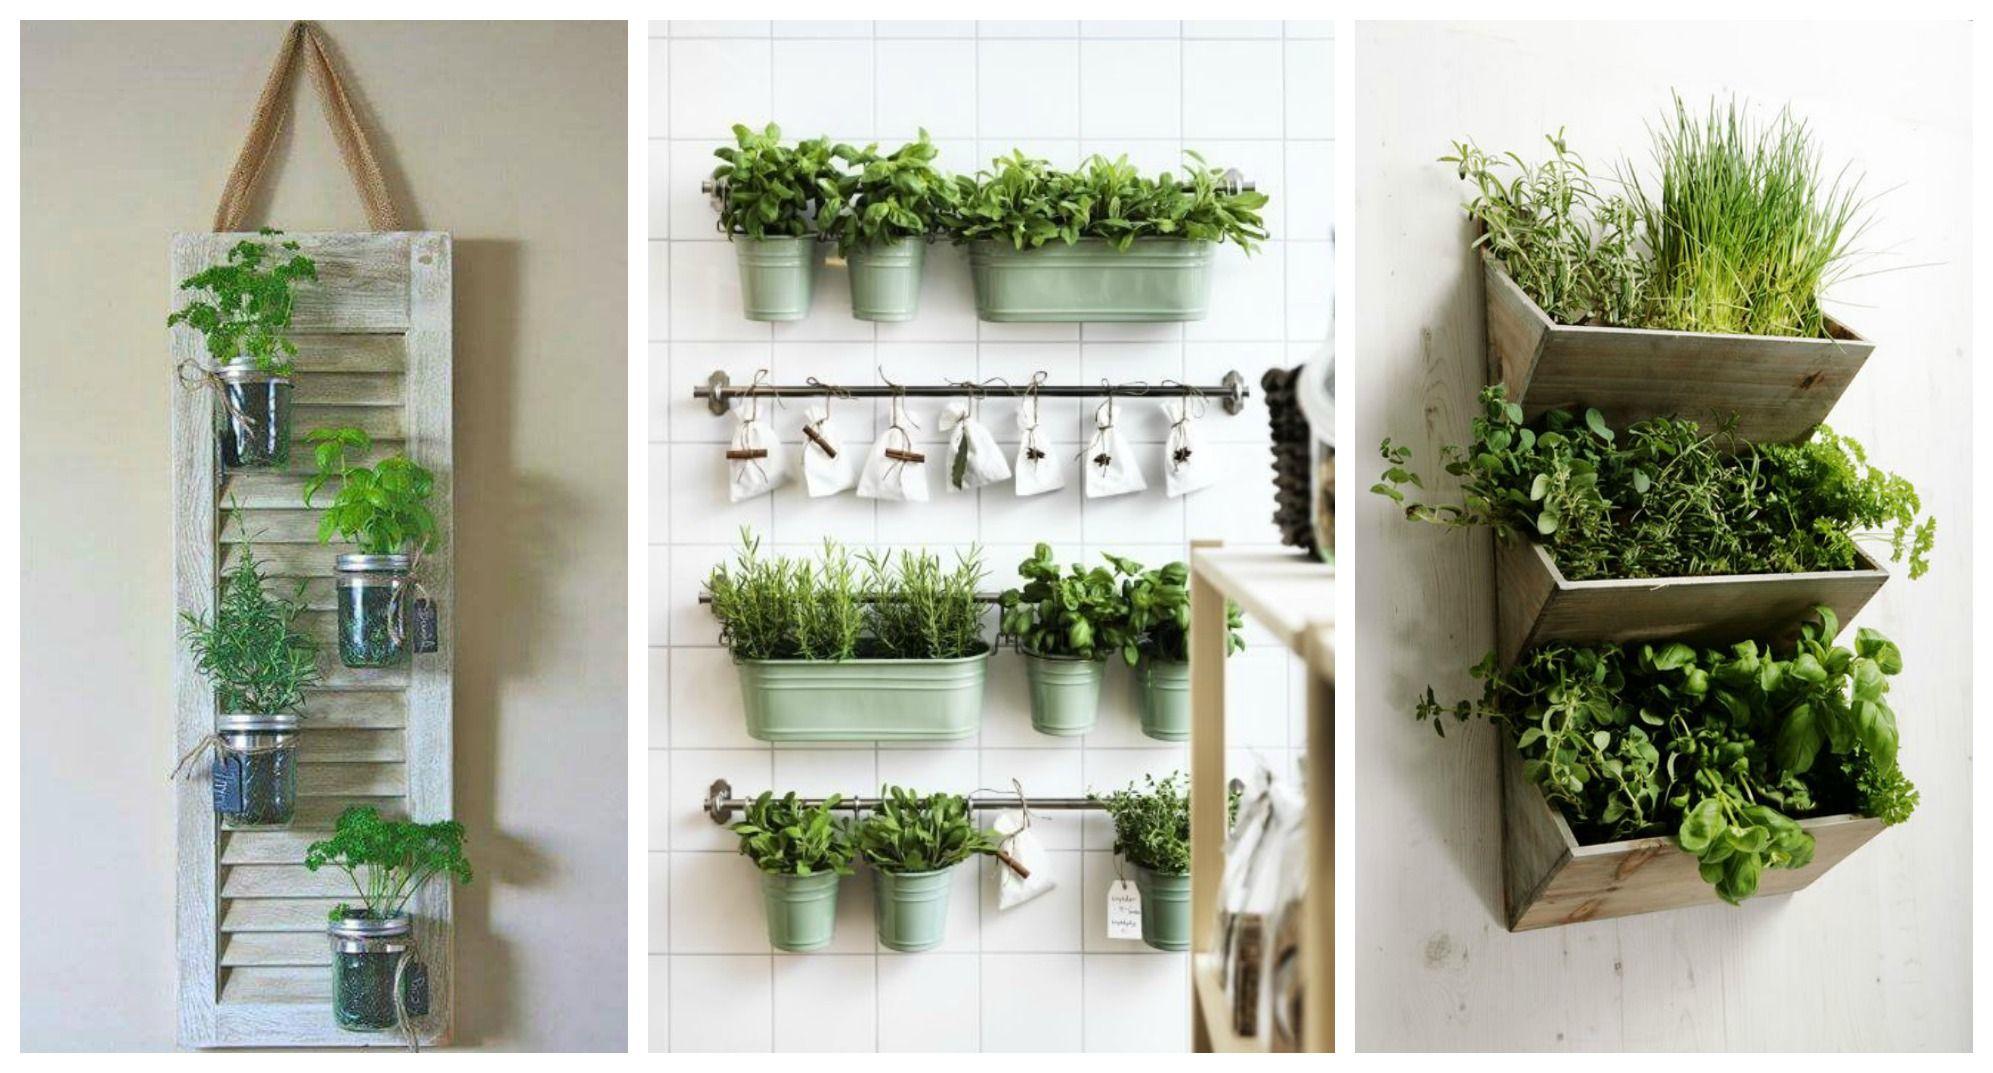 Come decorare la tua cucina con le erbe aromatiche - Immagine 397137 ...